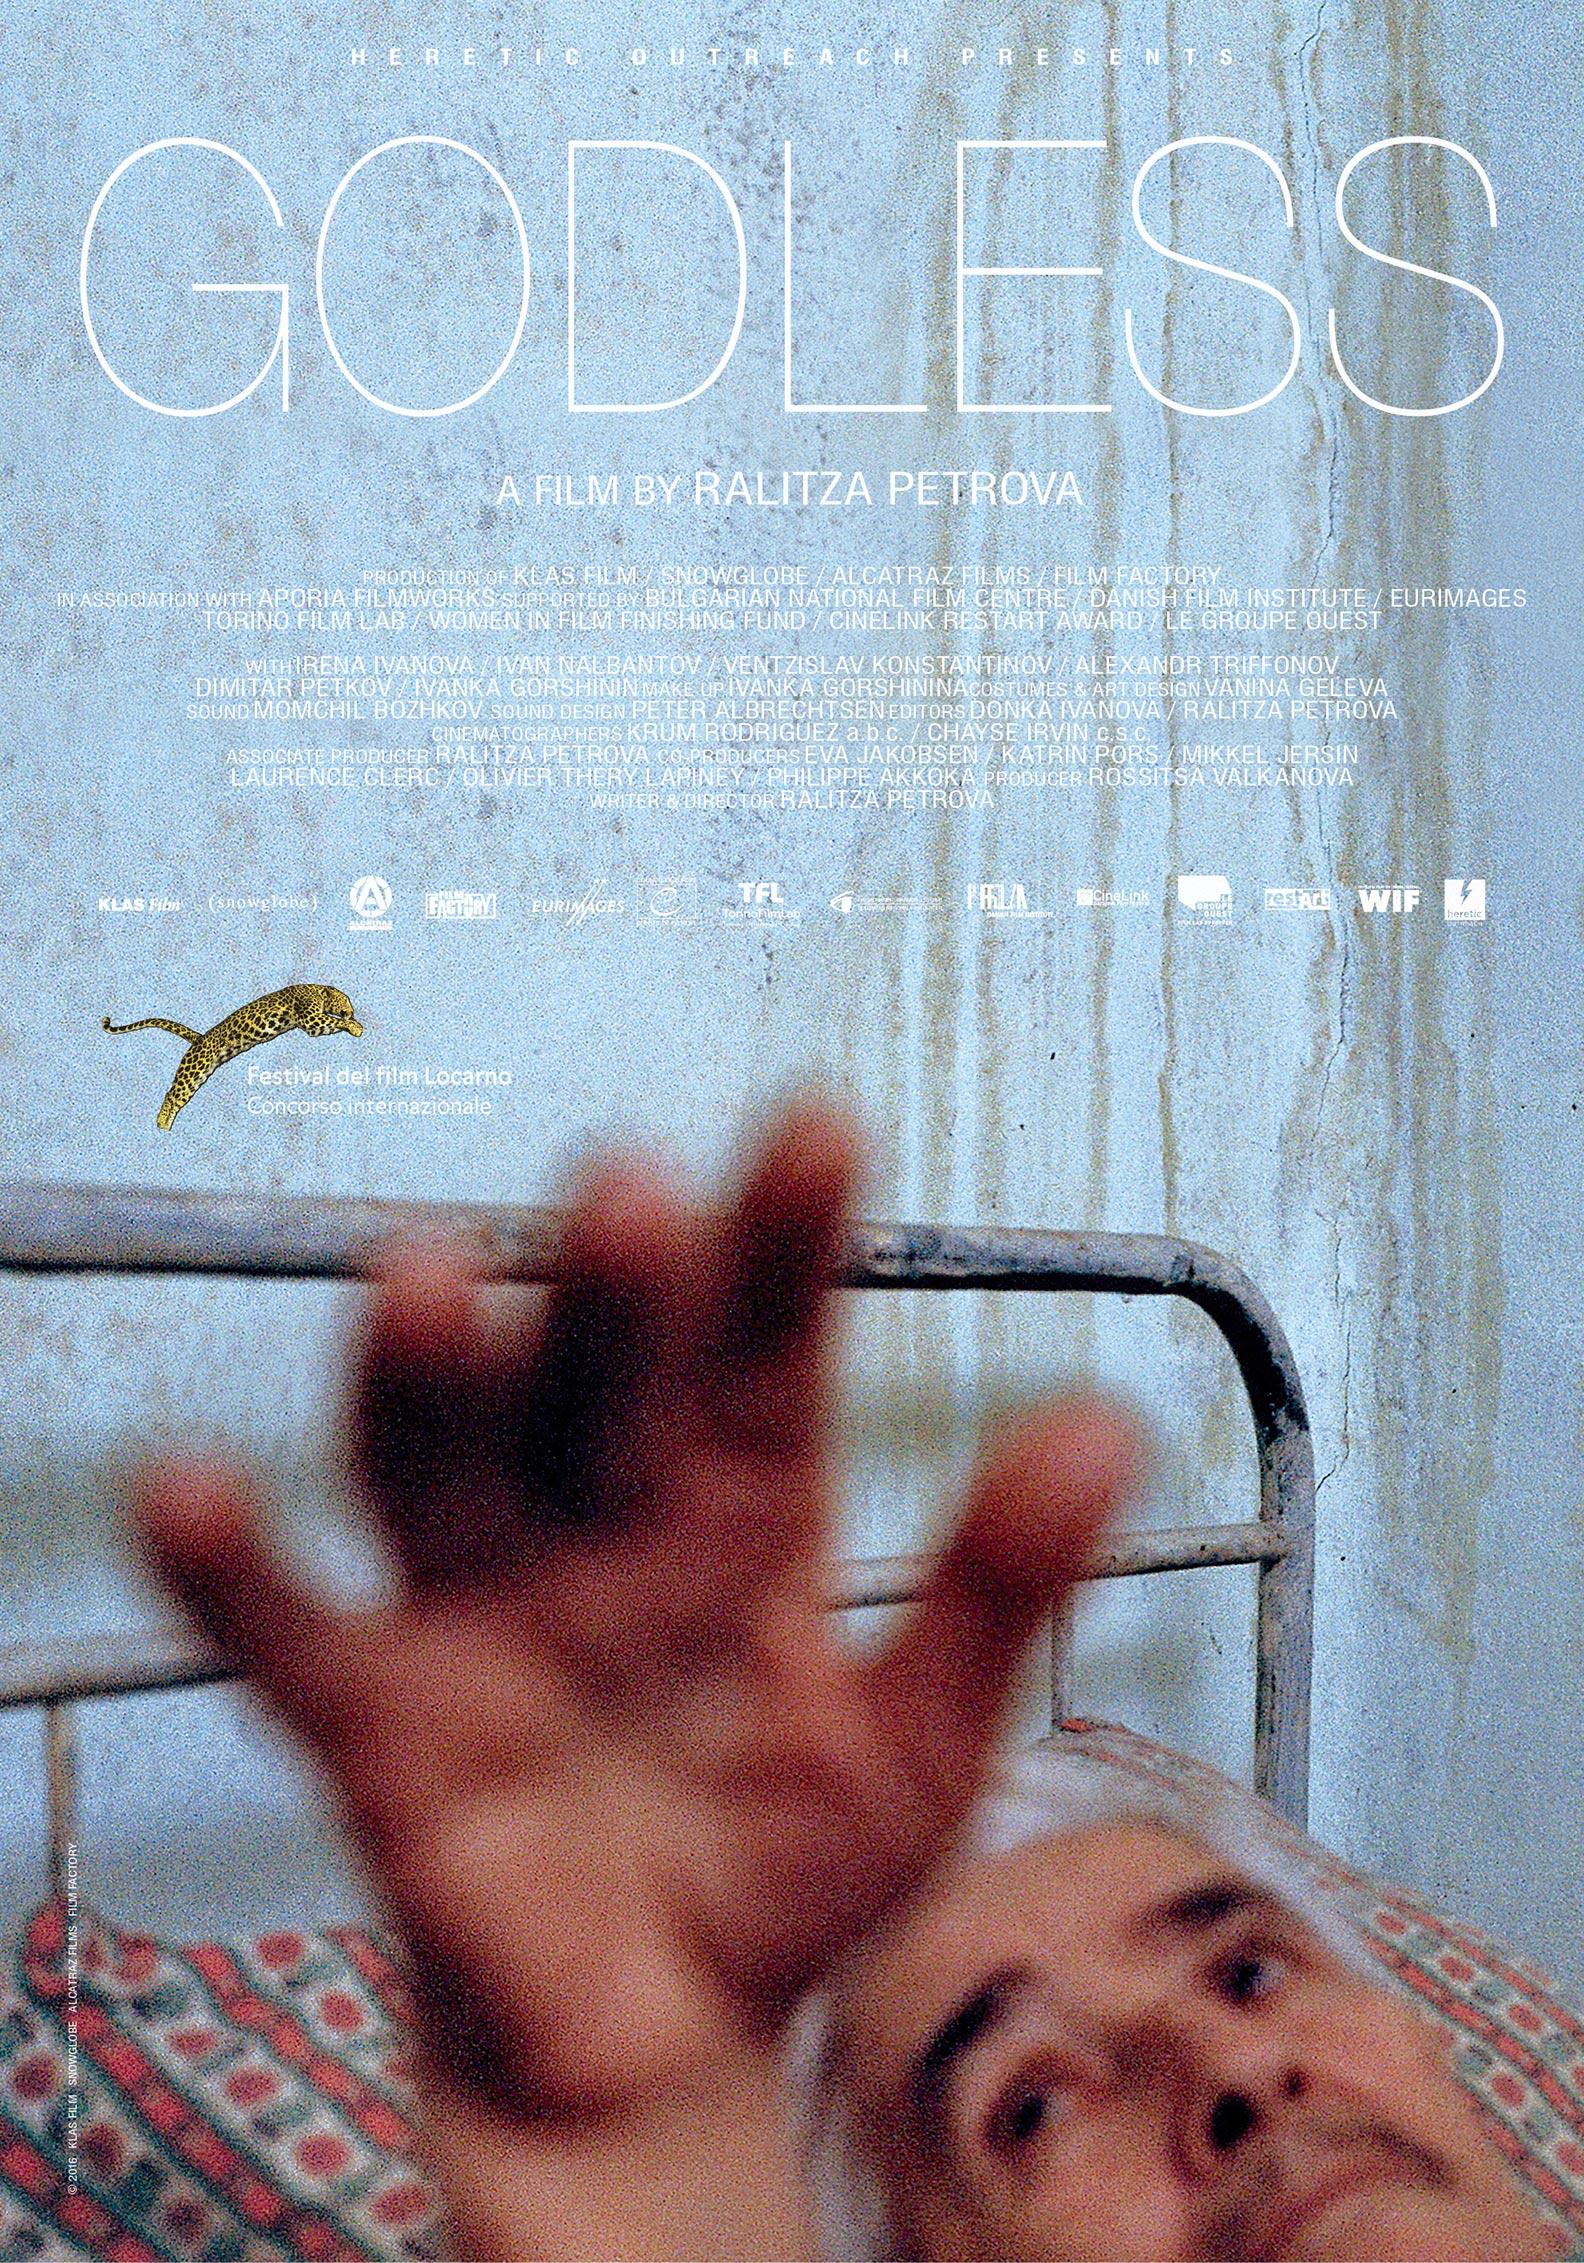 Godless Poster #1